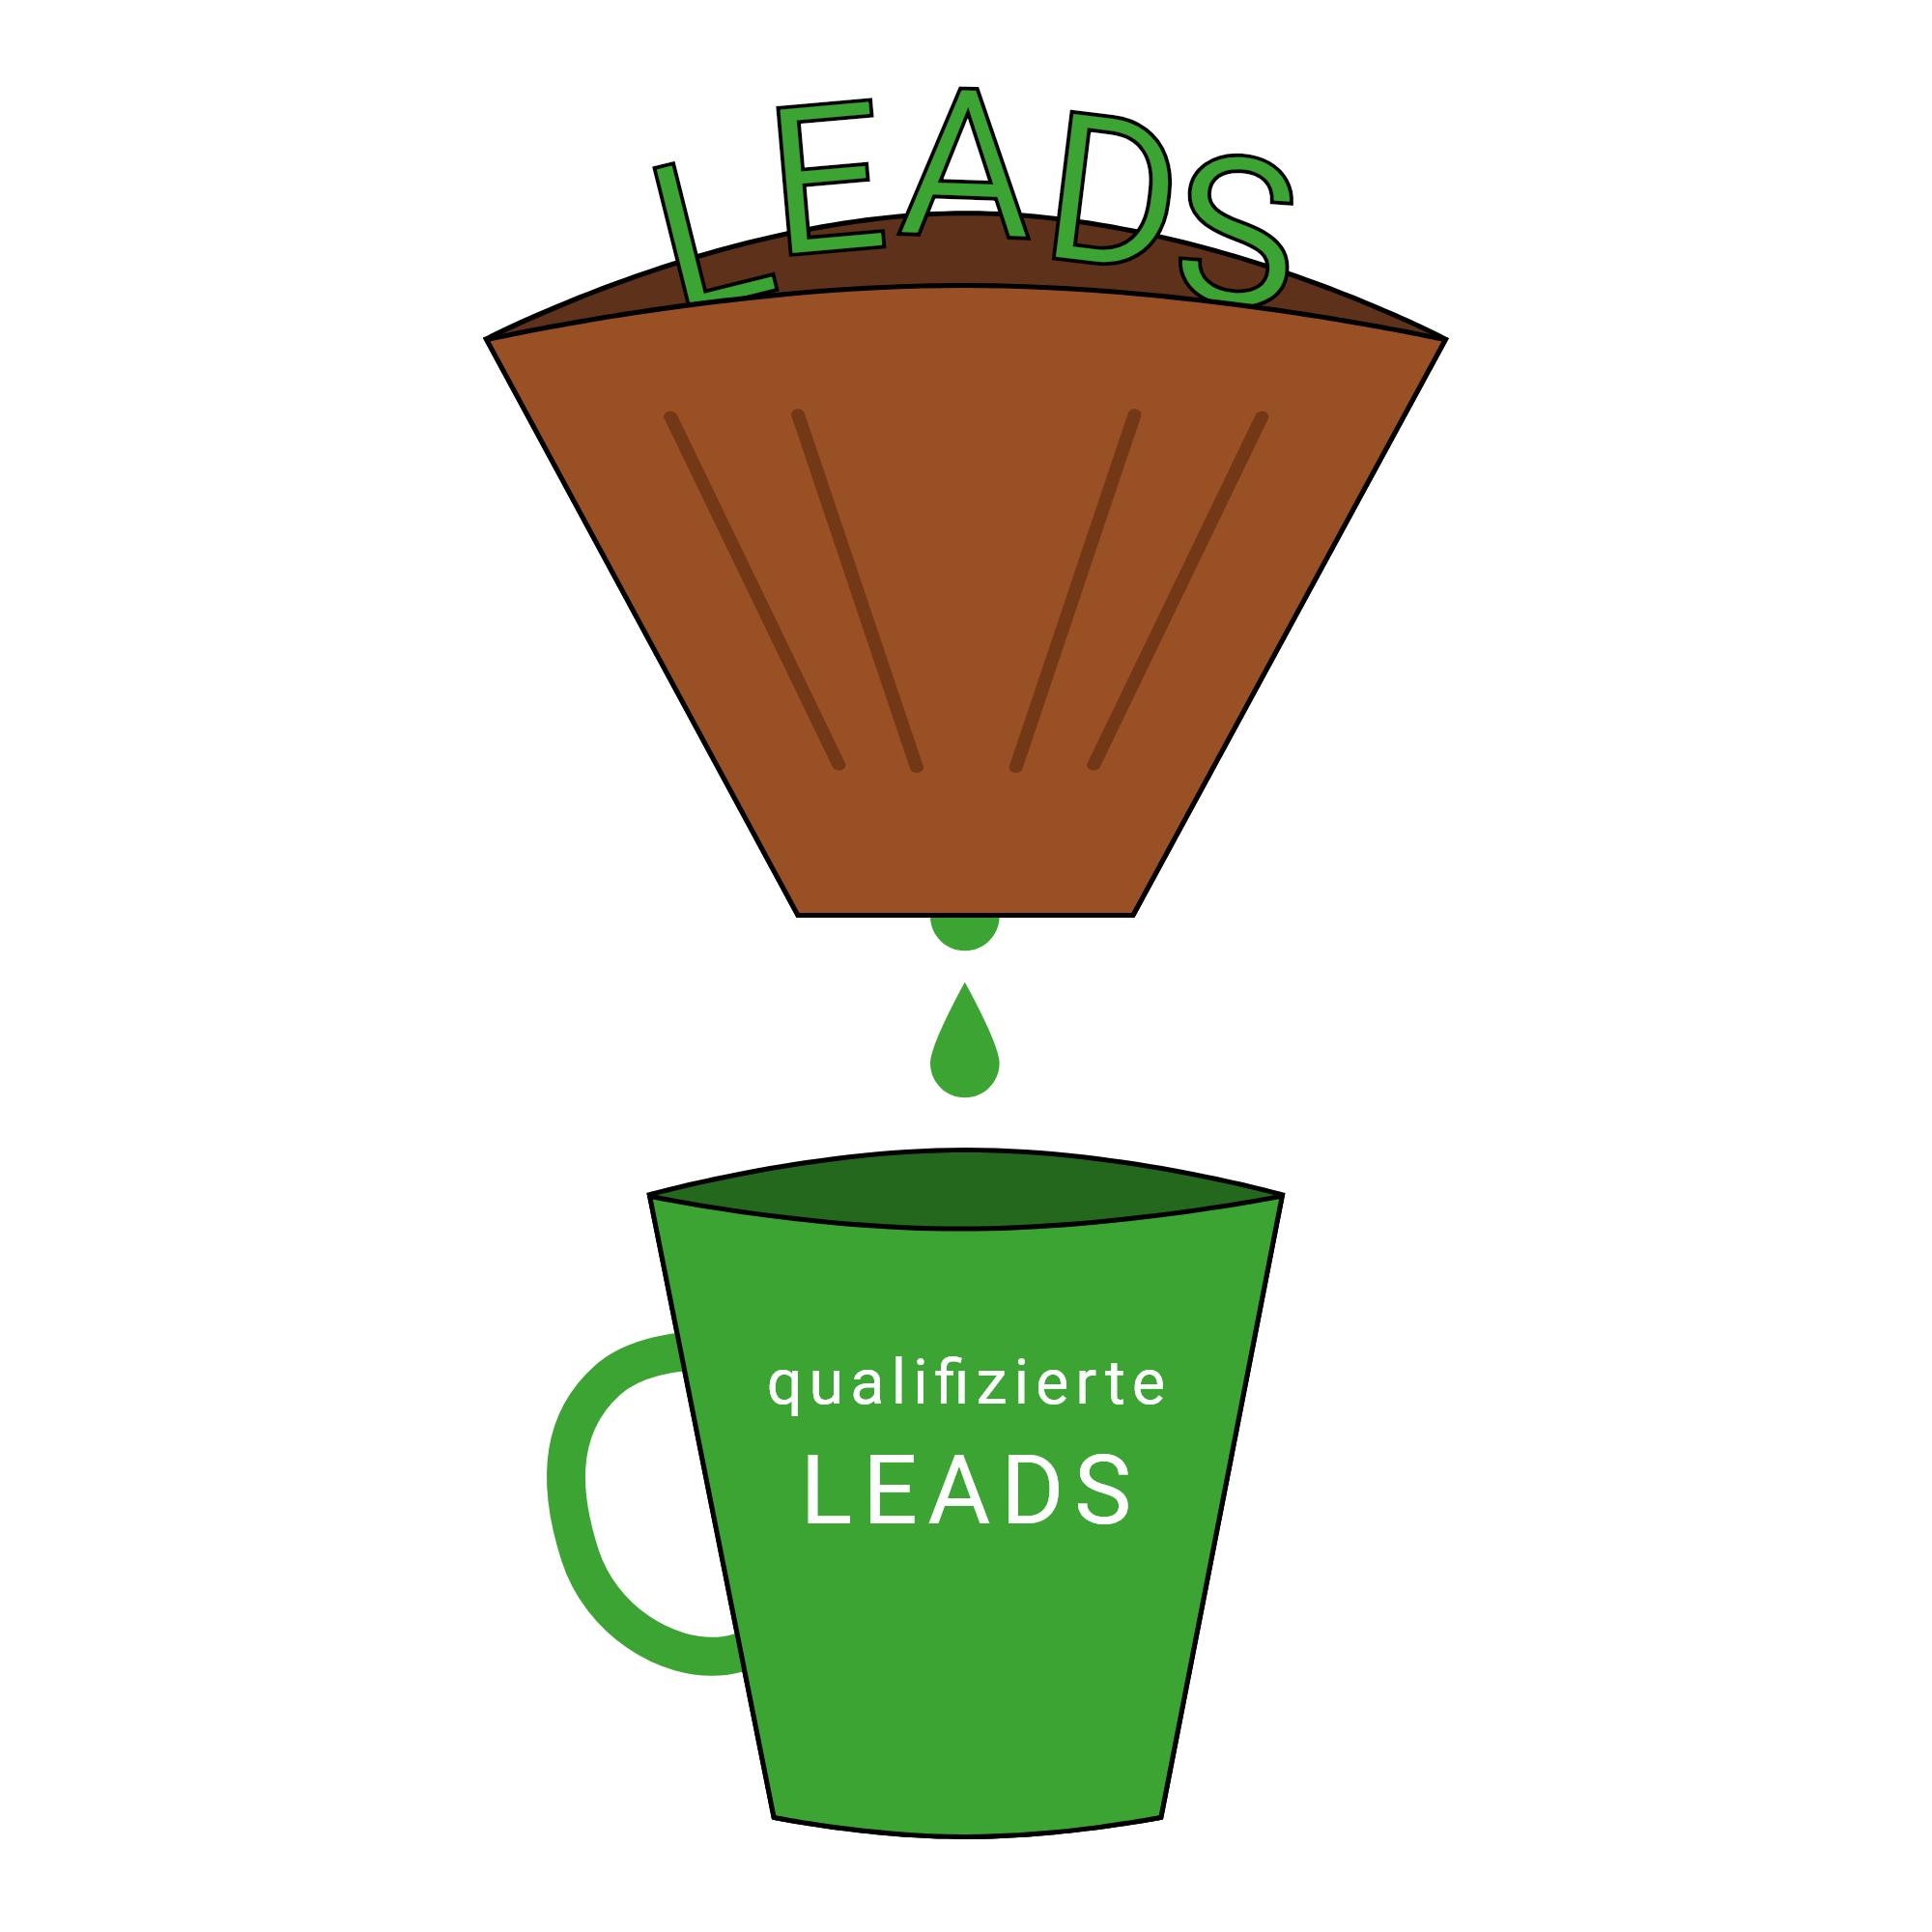 Leads durchlaufen einen Filterprozess